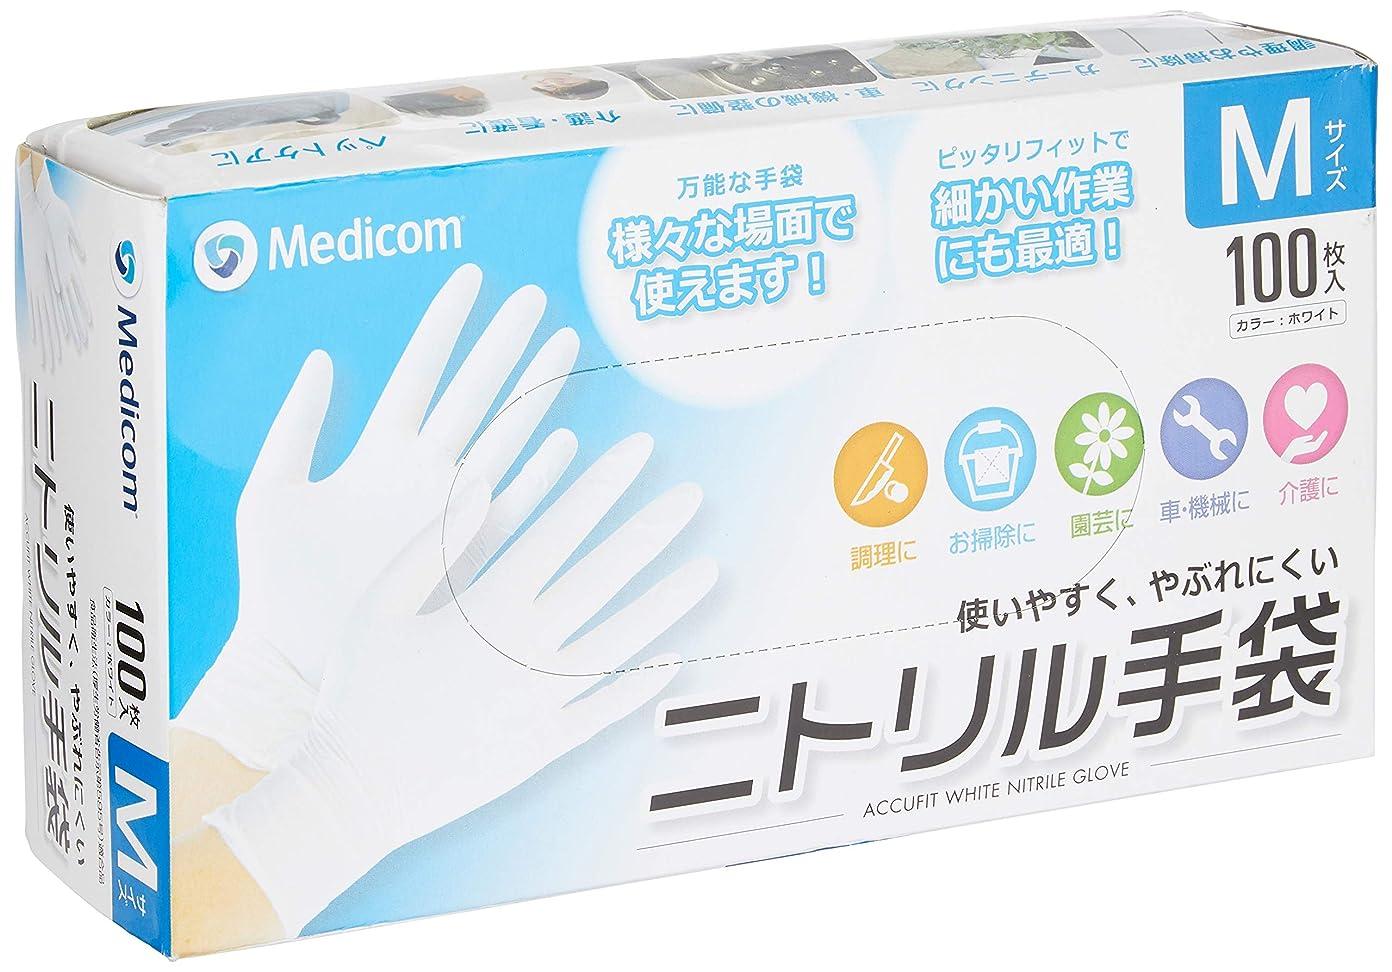 無謀ロンドンピットアキュフィット ホワイト ニトリル手袋 Mサイズ ACFJN1284C